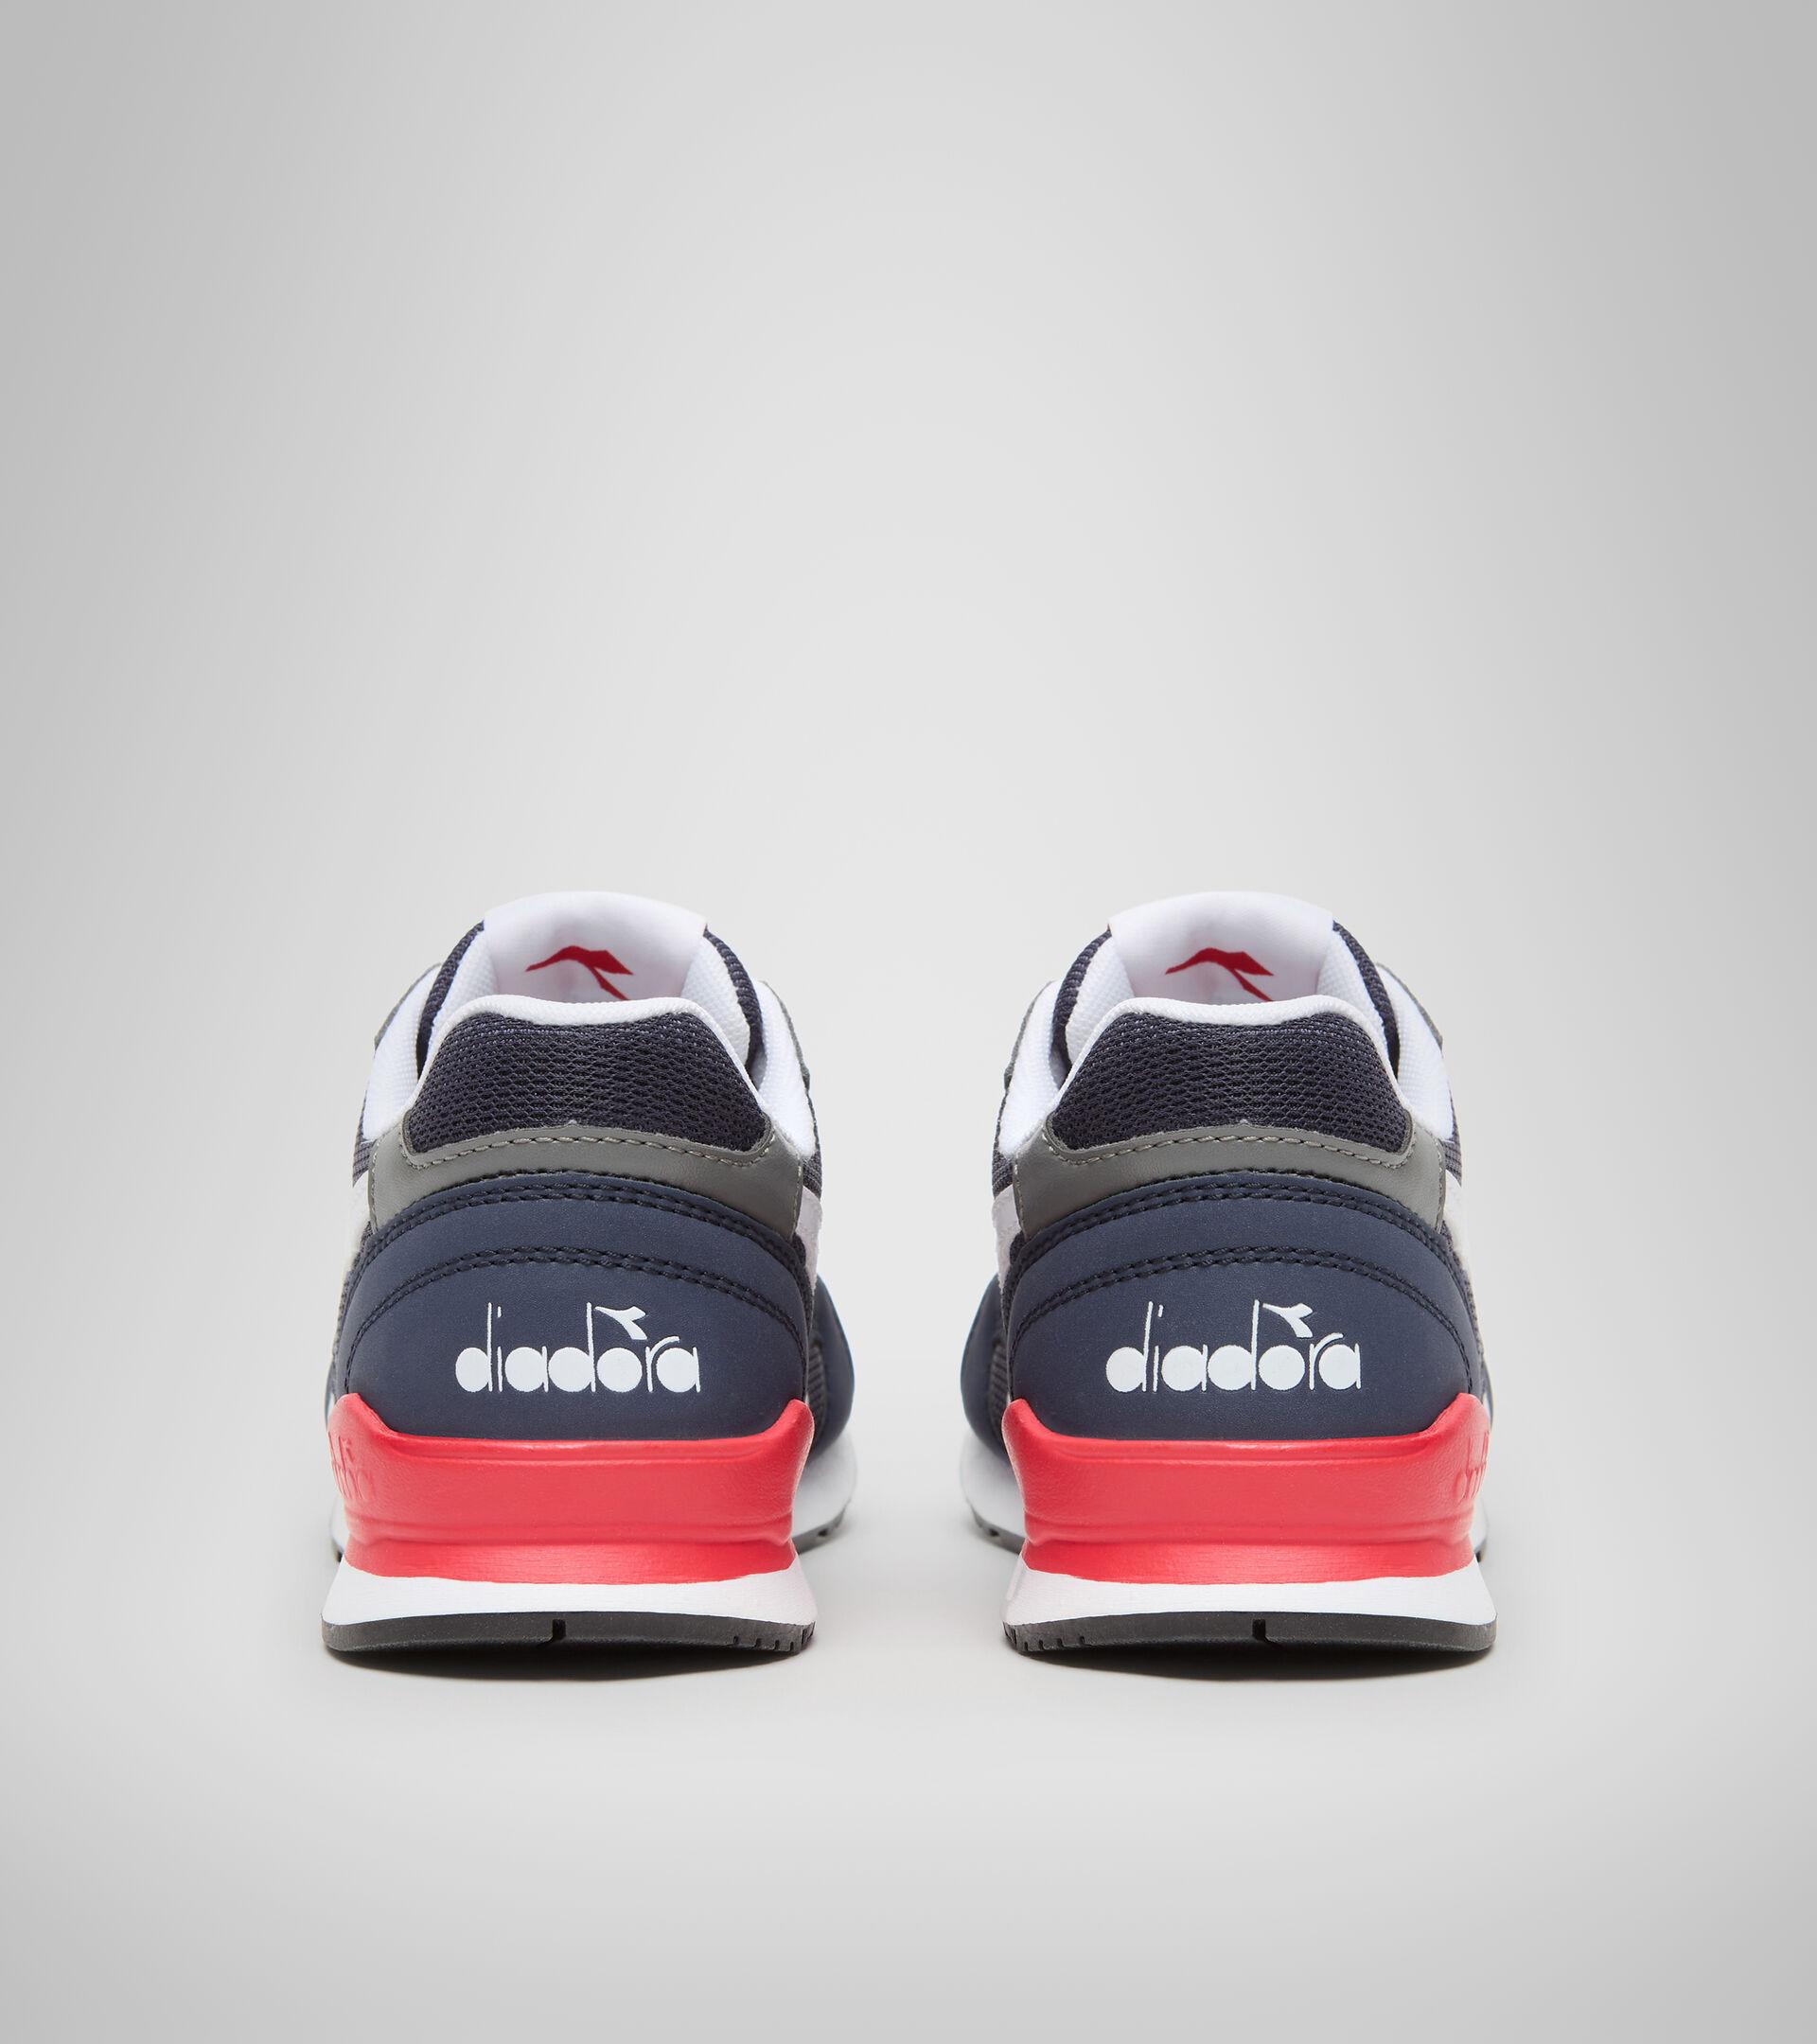 Footwear Sport BAMBINO N.92 GS BLUE CORSAIR Diadora